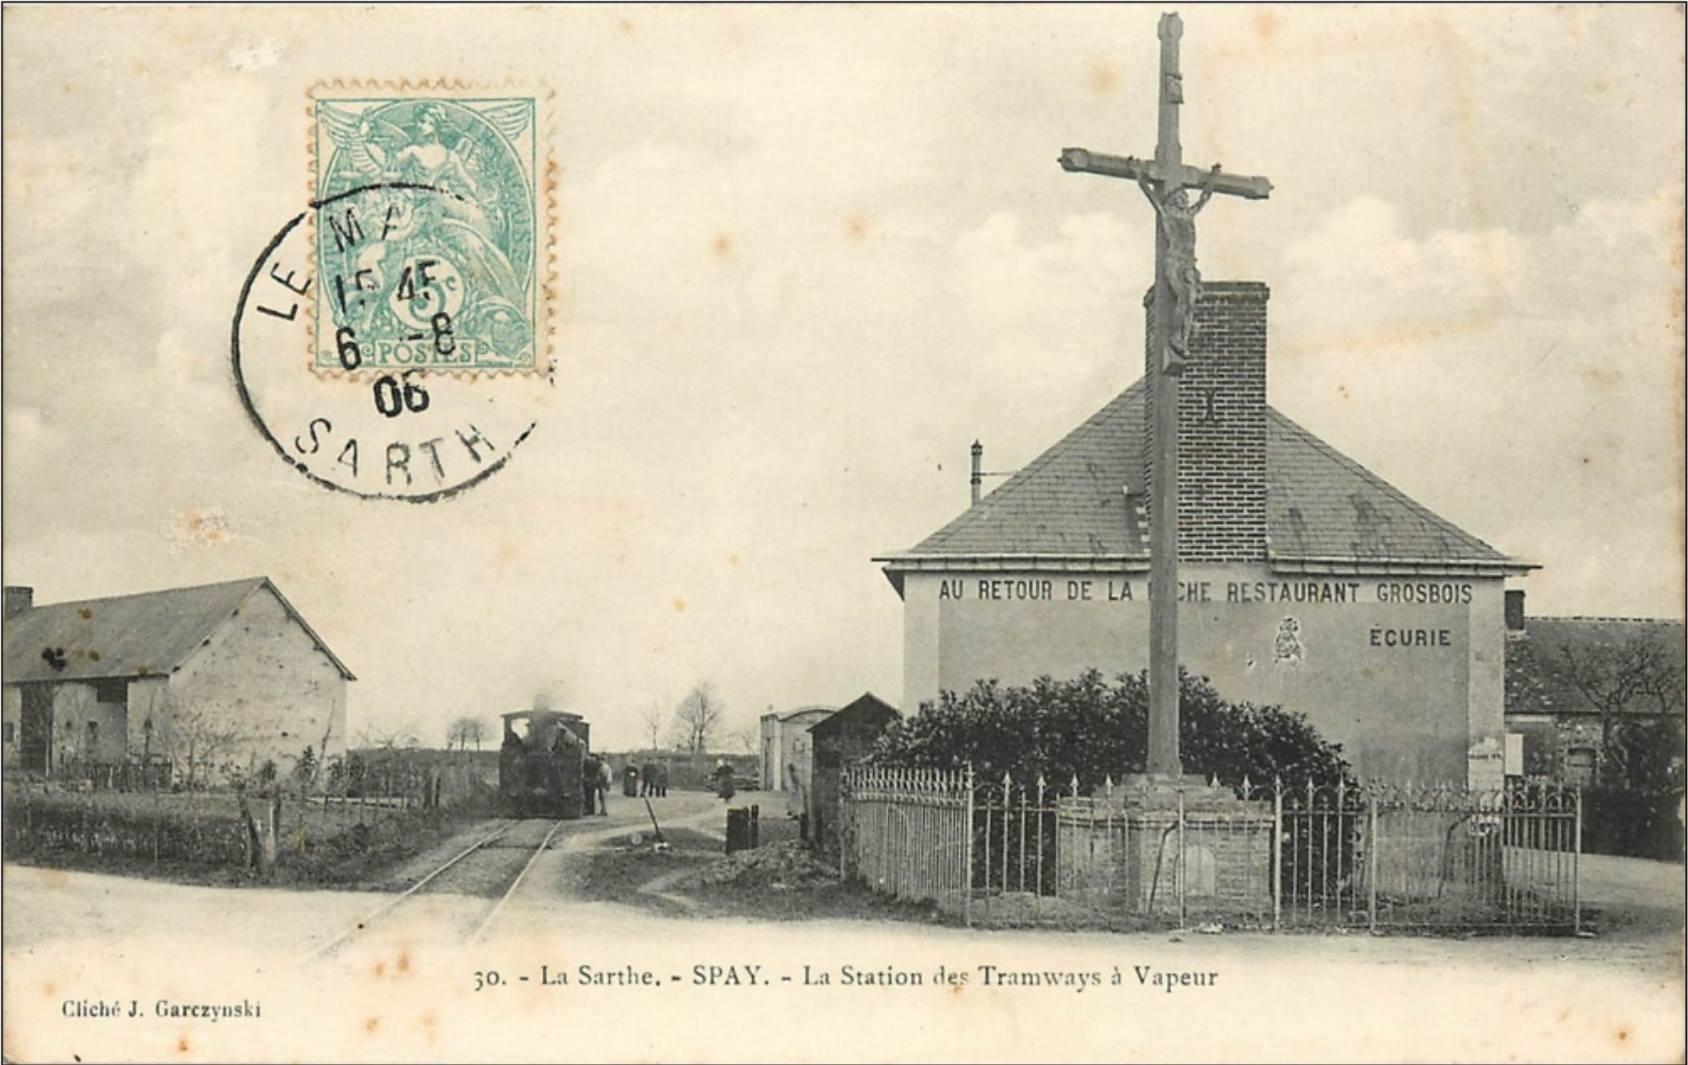 Spay - La Station des Tramways à Vapeur